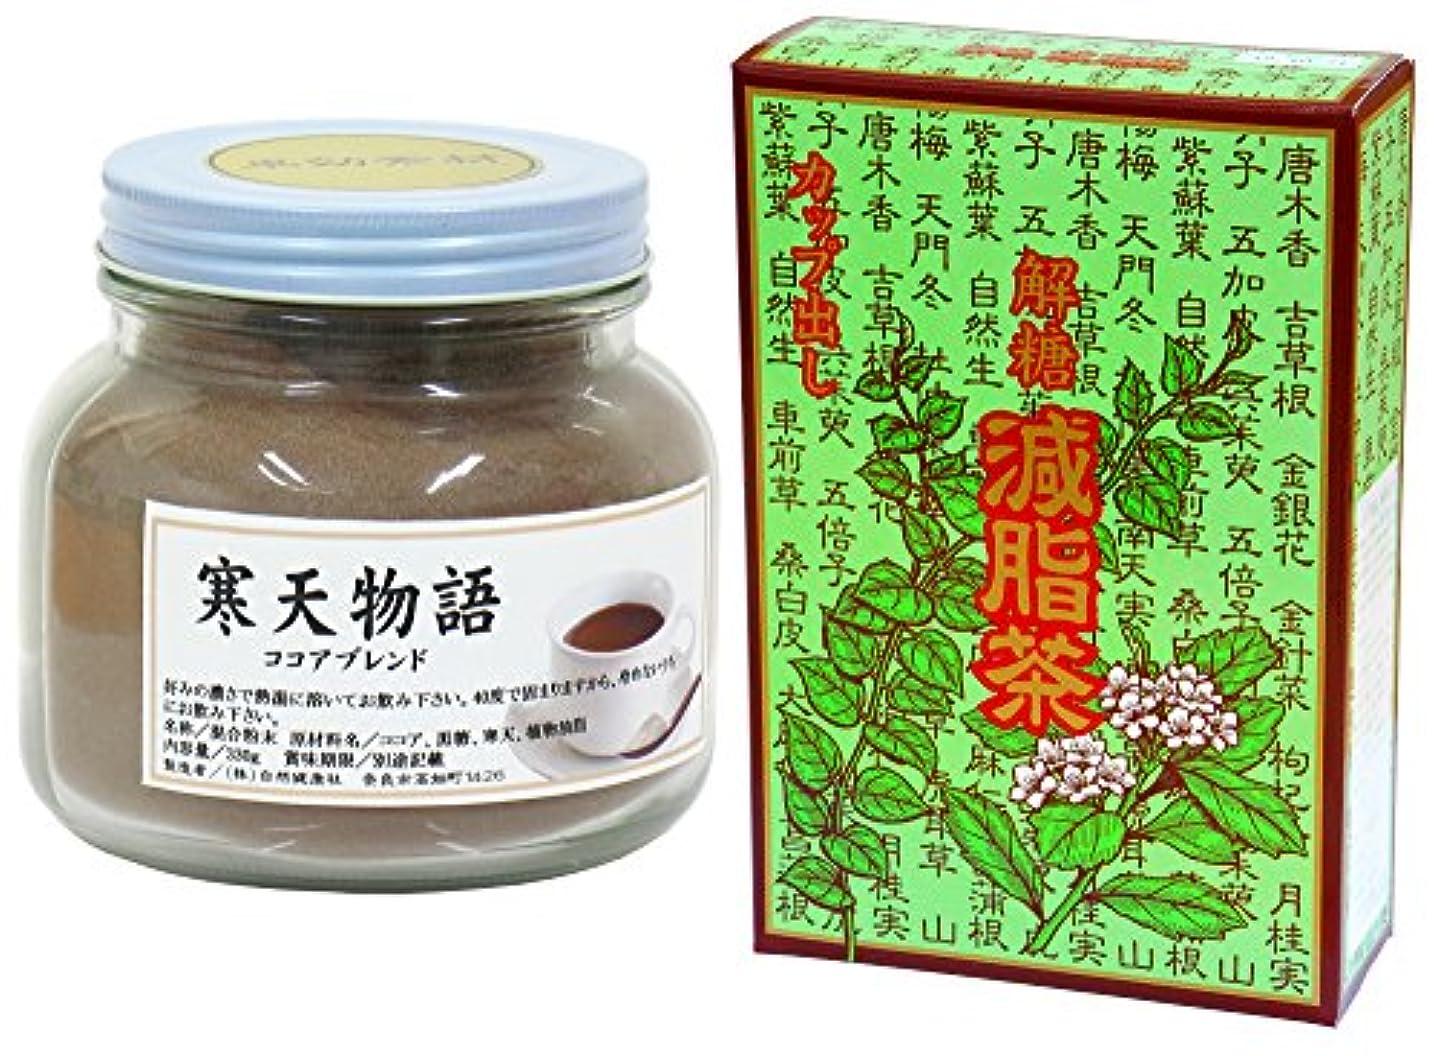 プロテスタント処方するリーク自然健康社 寒天ココア 330g + 減脂茶?箱 64パック